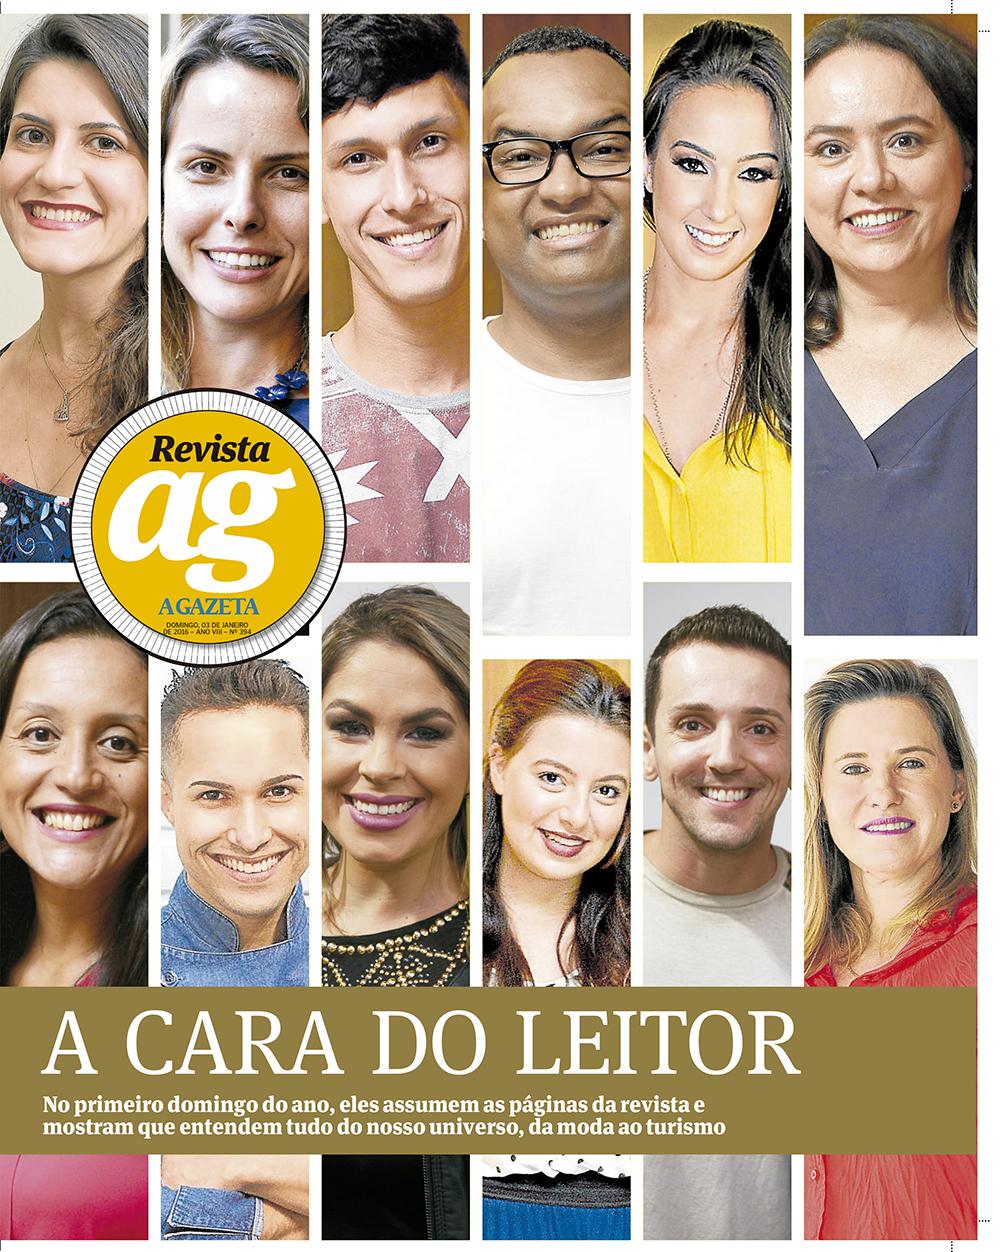 Revista AG - A cara do leitor.